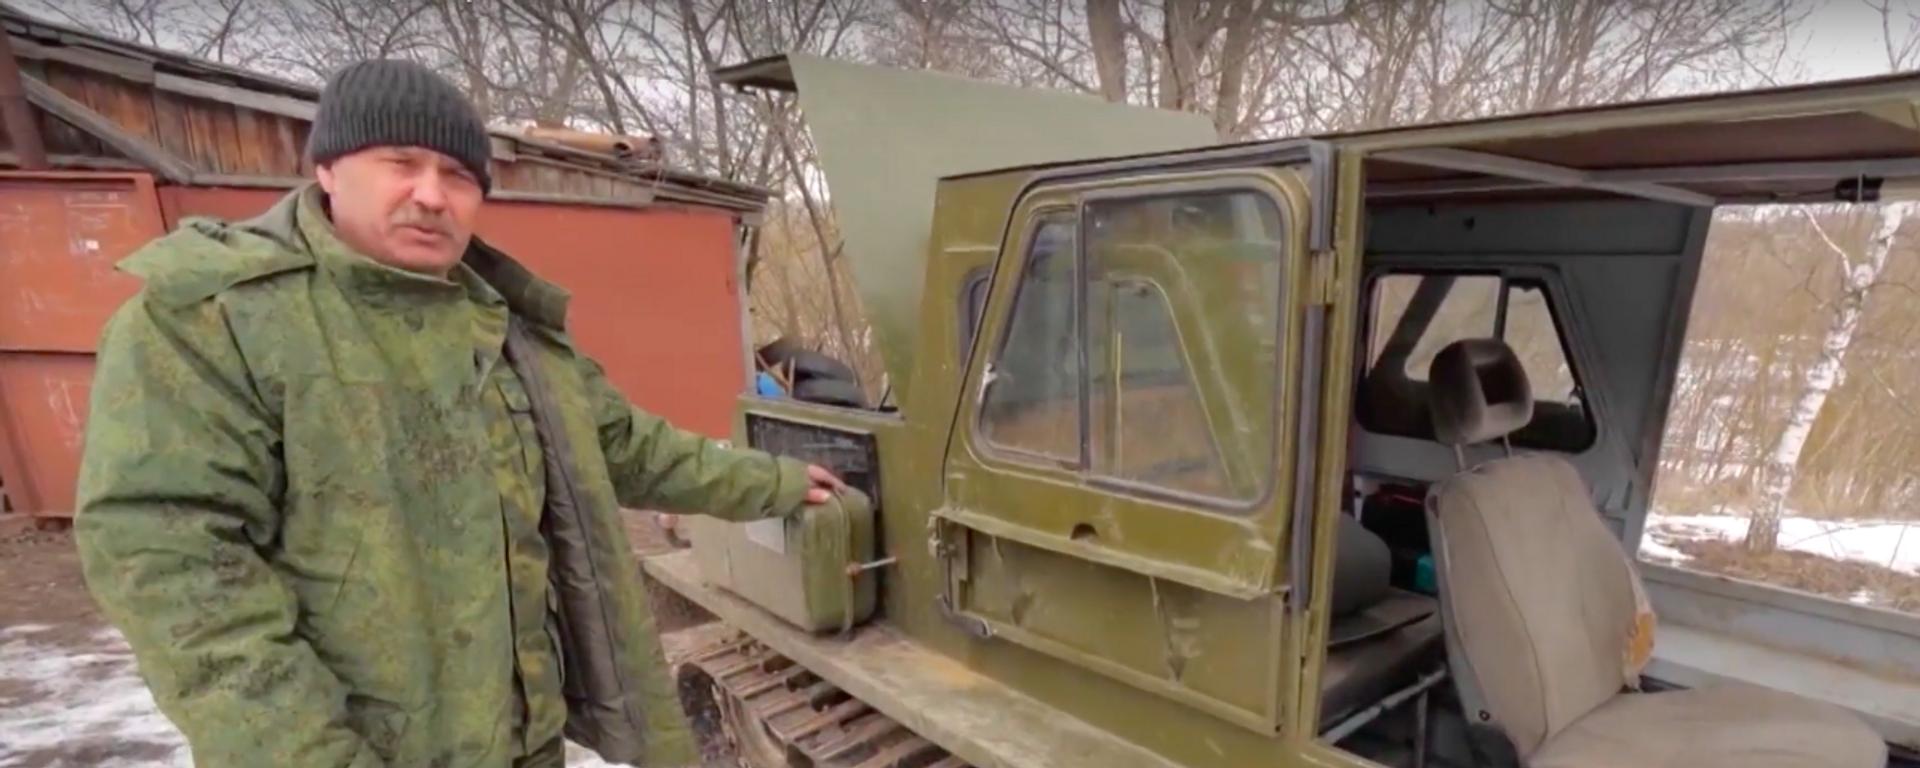 Un militar jubilado construye un tanque con sus propias manos en Rusia - Sputnik Mundo, 1920, 18.04.2021